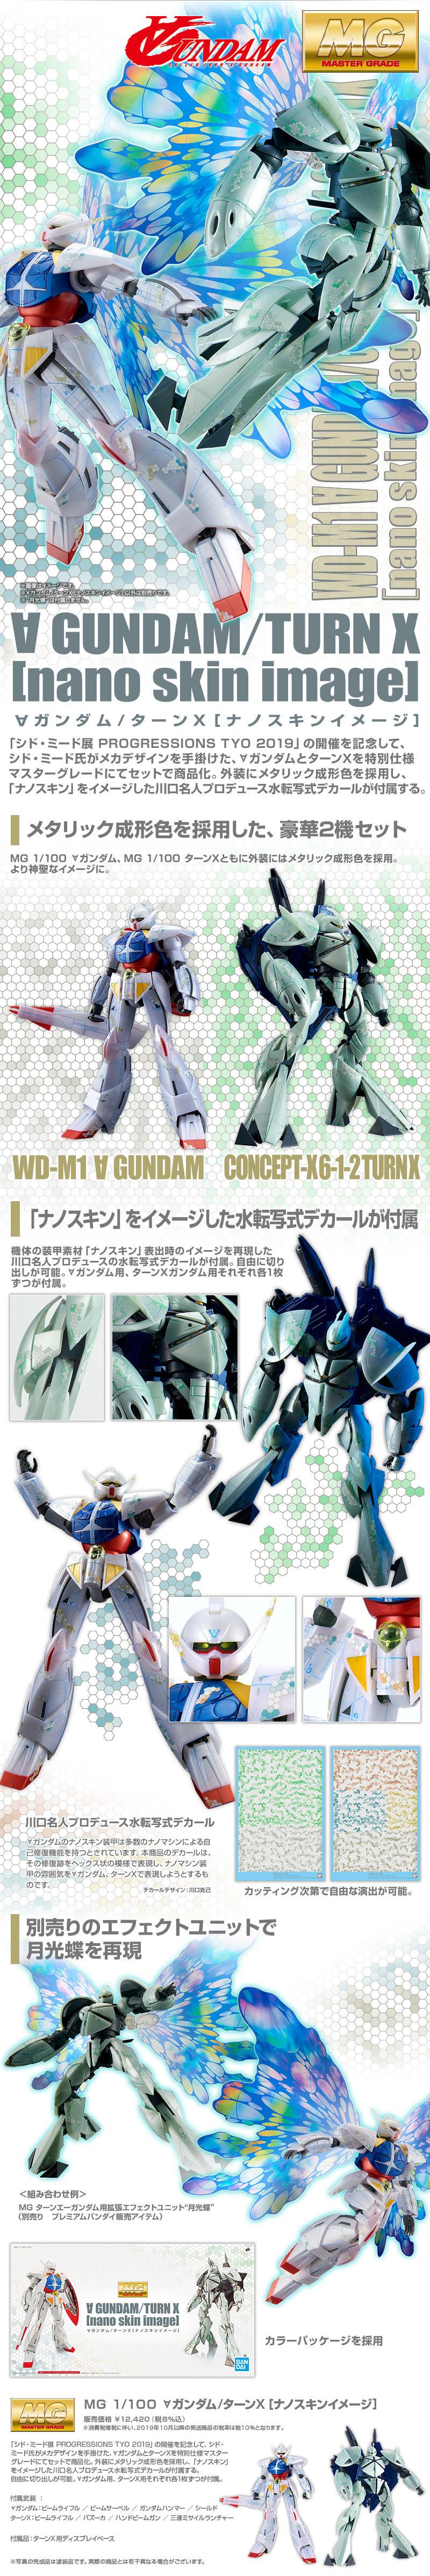 MG 1/100 ∀ガンダム/ターンX[ナノスキンイメージ] 公式商品説明(画像)